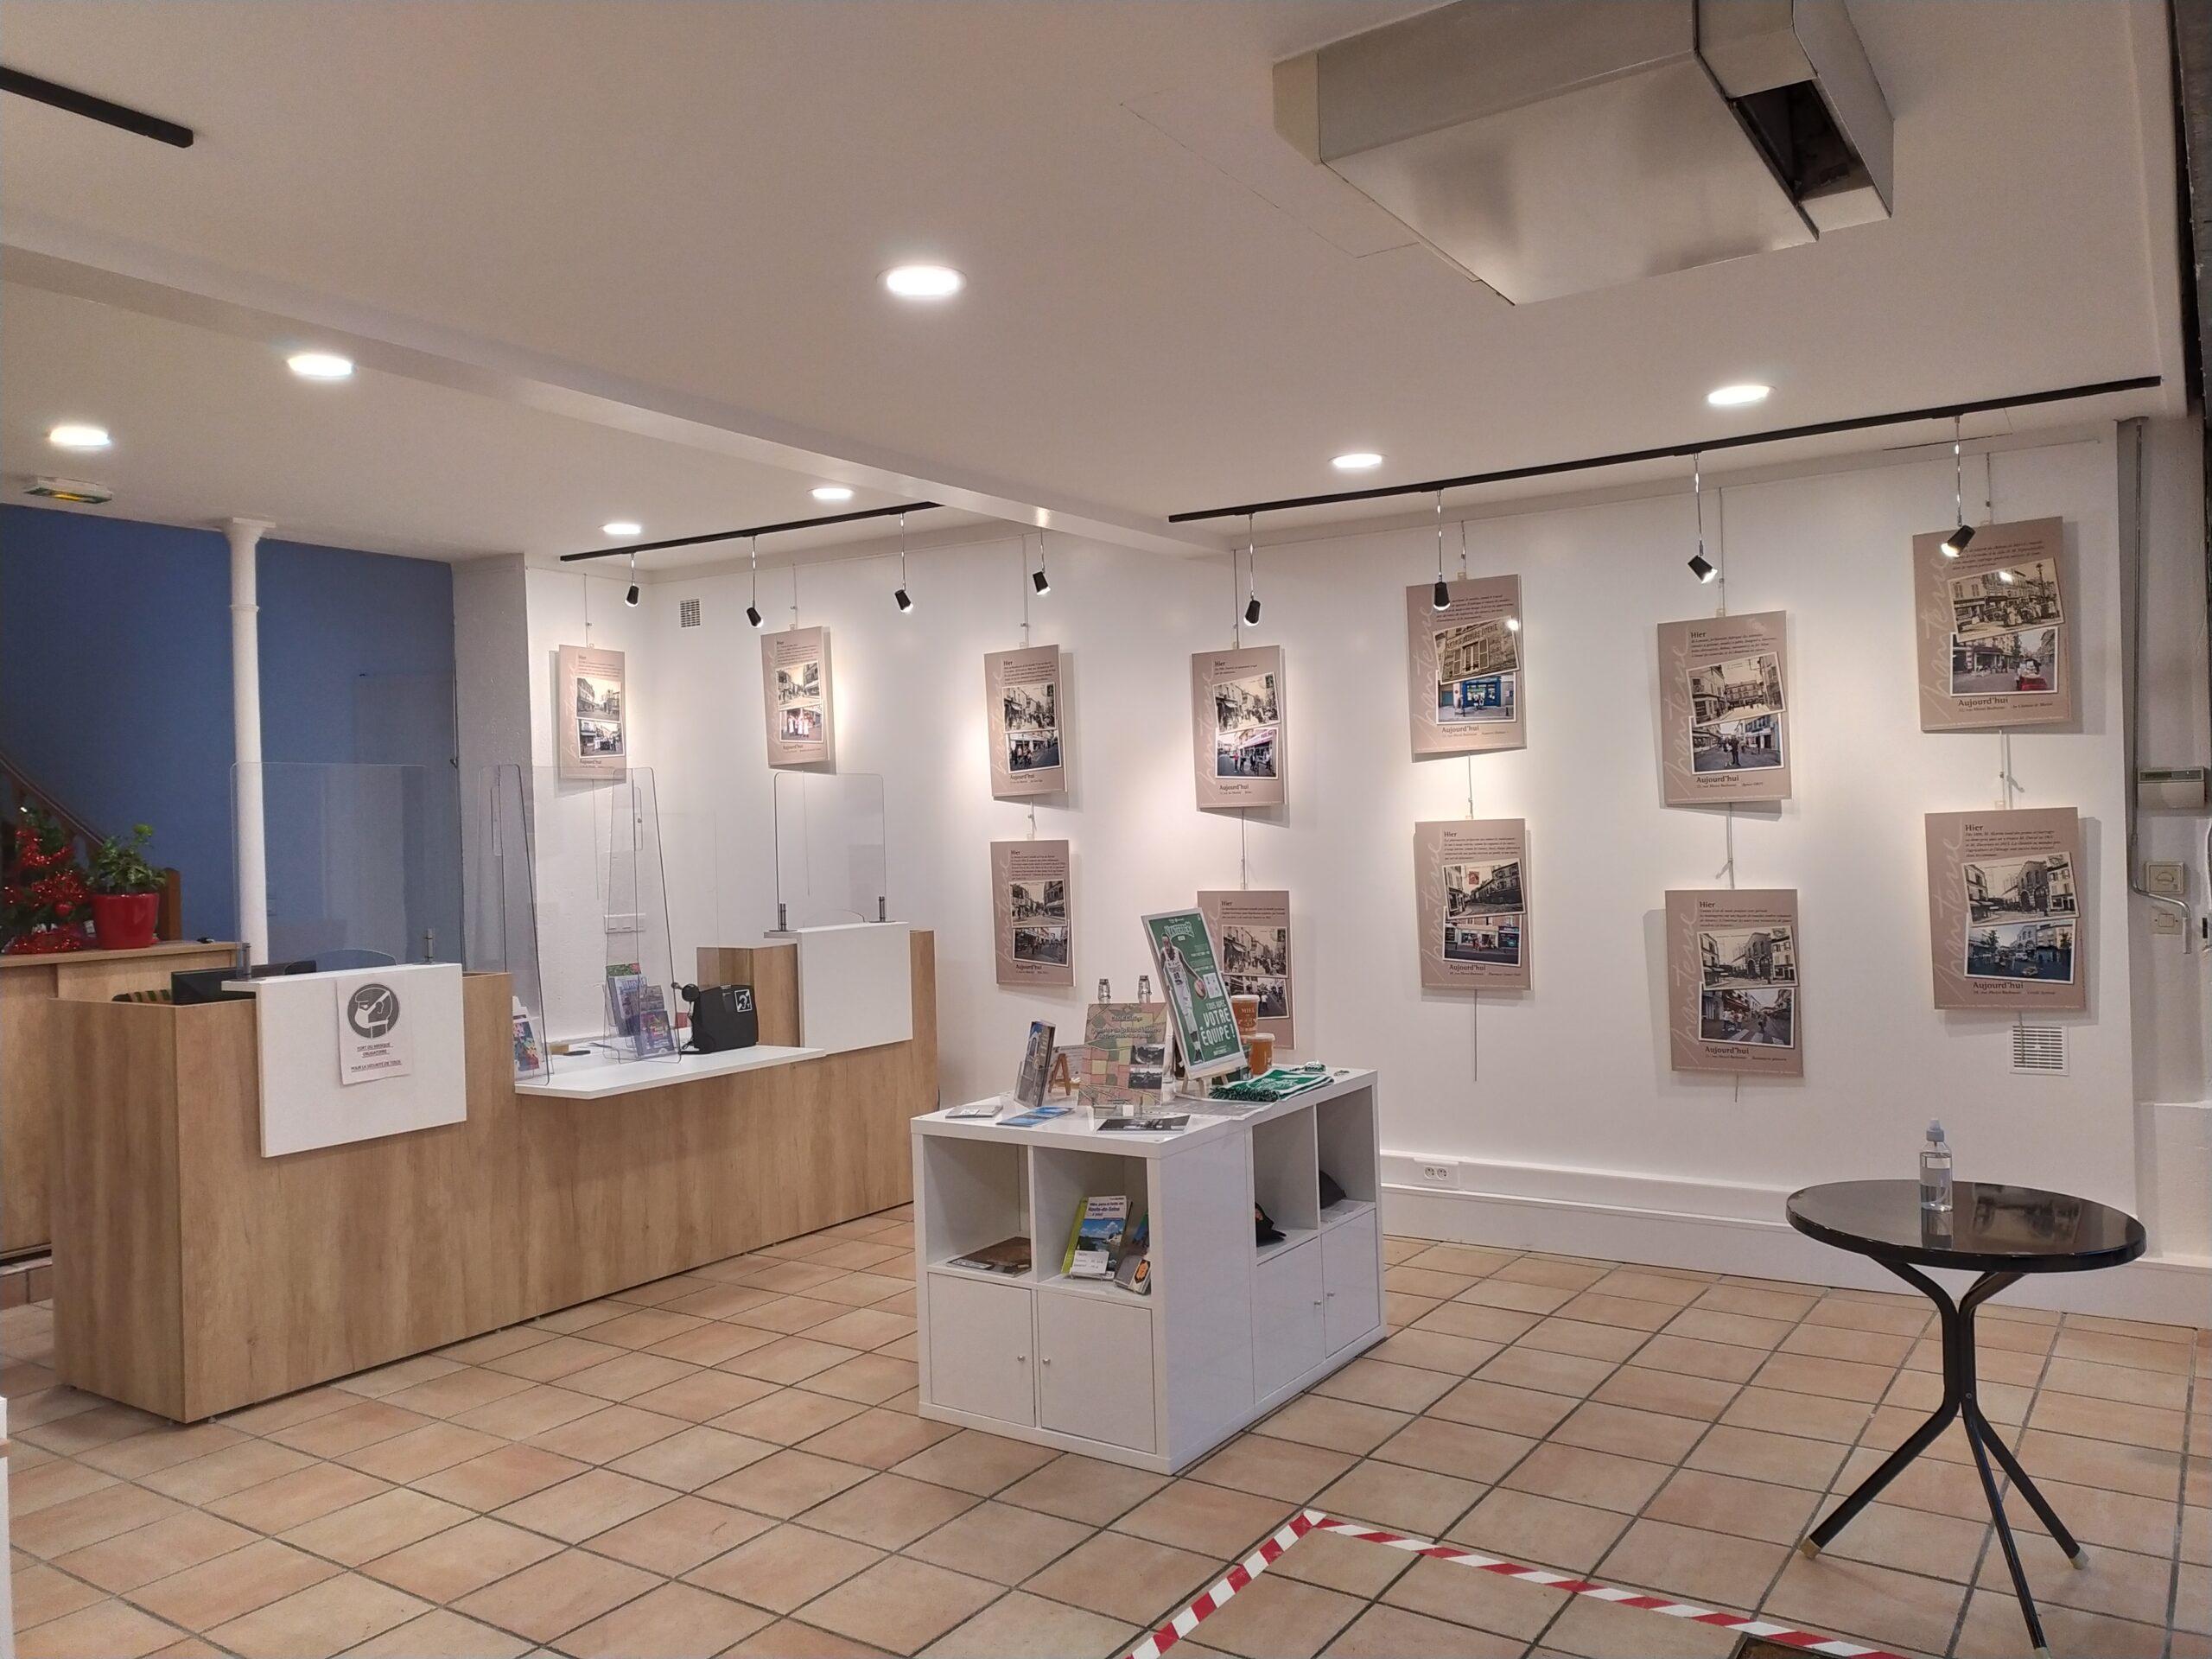 Salle d'expositions à l'Office de tourisme de Nanterre